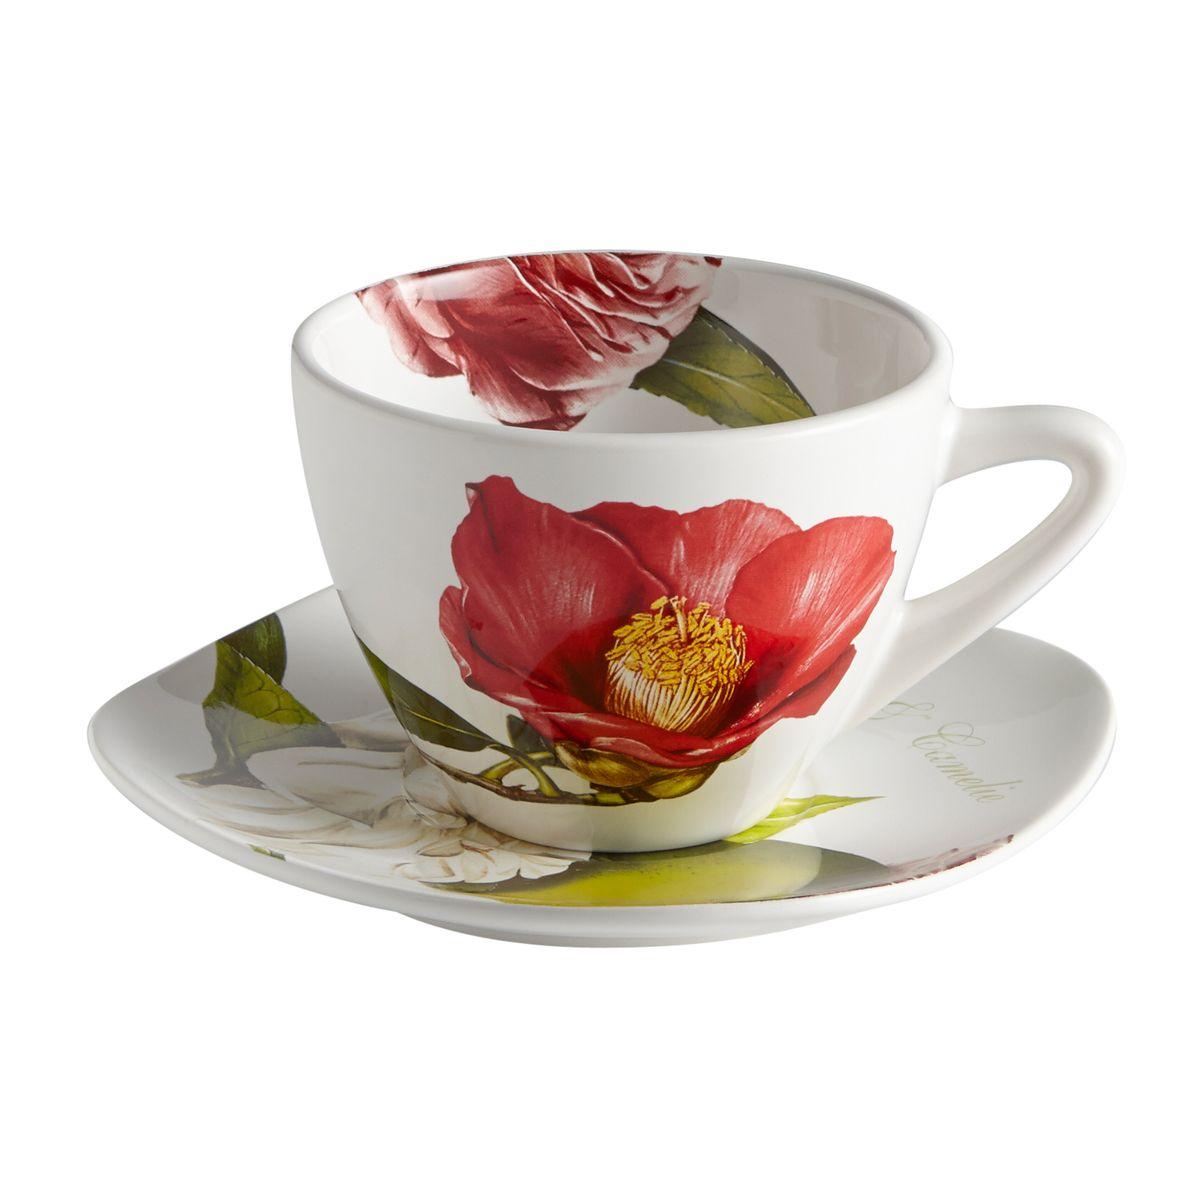 Чашка с блюдцем Яблоки и камелии. CV2-4804-ALCV2-4804-ALКерамическая посуда итальянской фабрики «Ceramiche Viva» известна не только своим превосходным качеством, но и удивительными, неповторимыми дизайнами, отличающими ее от любой другой керамической посуды.Помимо внешней привлекательности посуда «Ceramiche Viva» обладает и прекрасными практическими свойствами: посуду «Ceramiche Viva» можно мыть в посудомоечной машине и использовать в микроволновой печи. Не разрешается применять при мытье посуды абразивные порошки. Поверхность изделий покрыта высококачественной глазурью, не содержащей свинца.